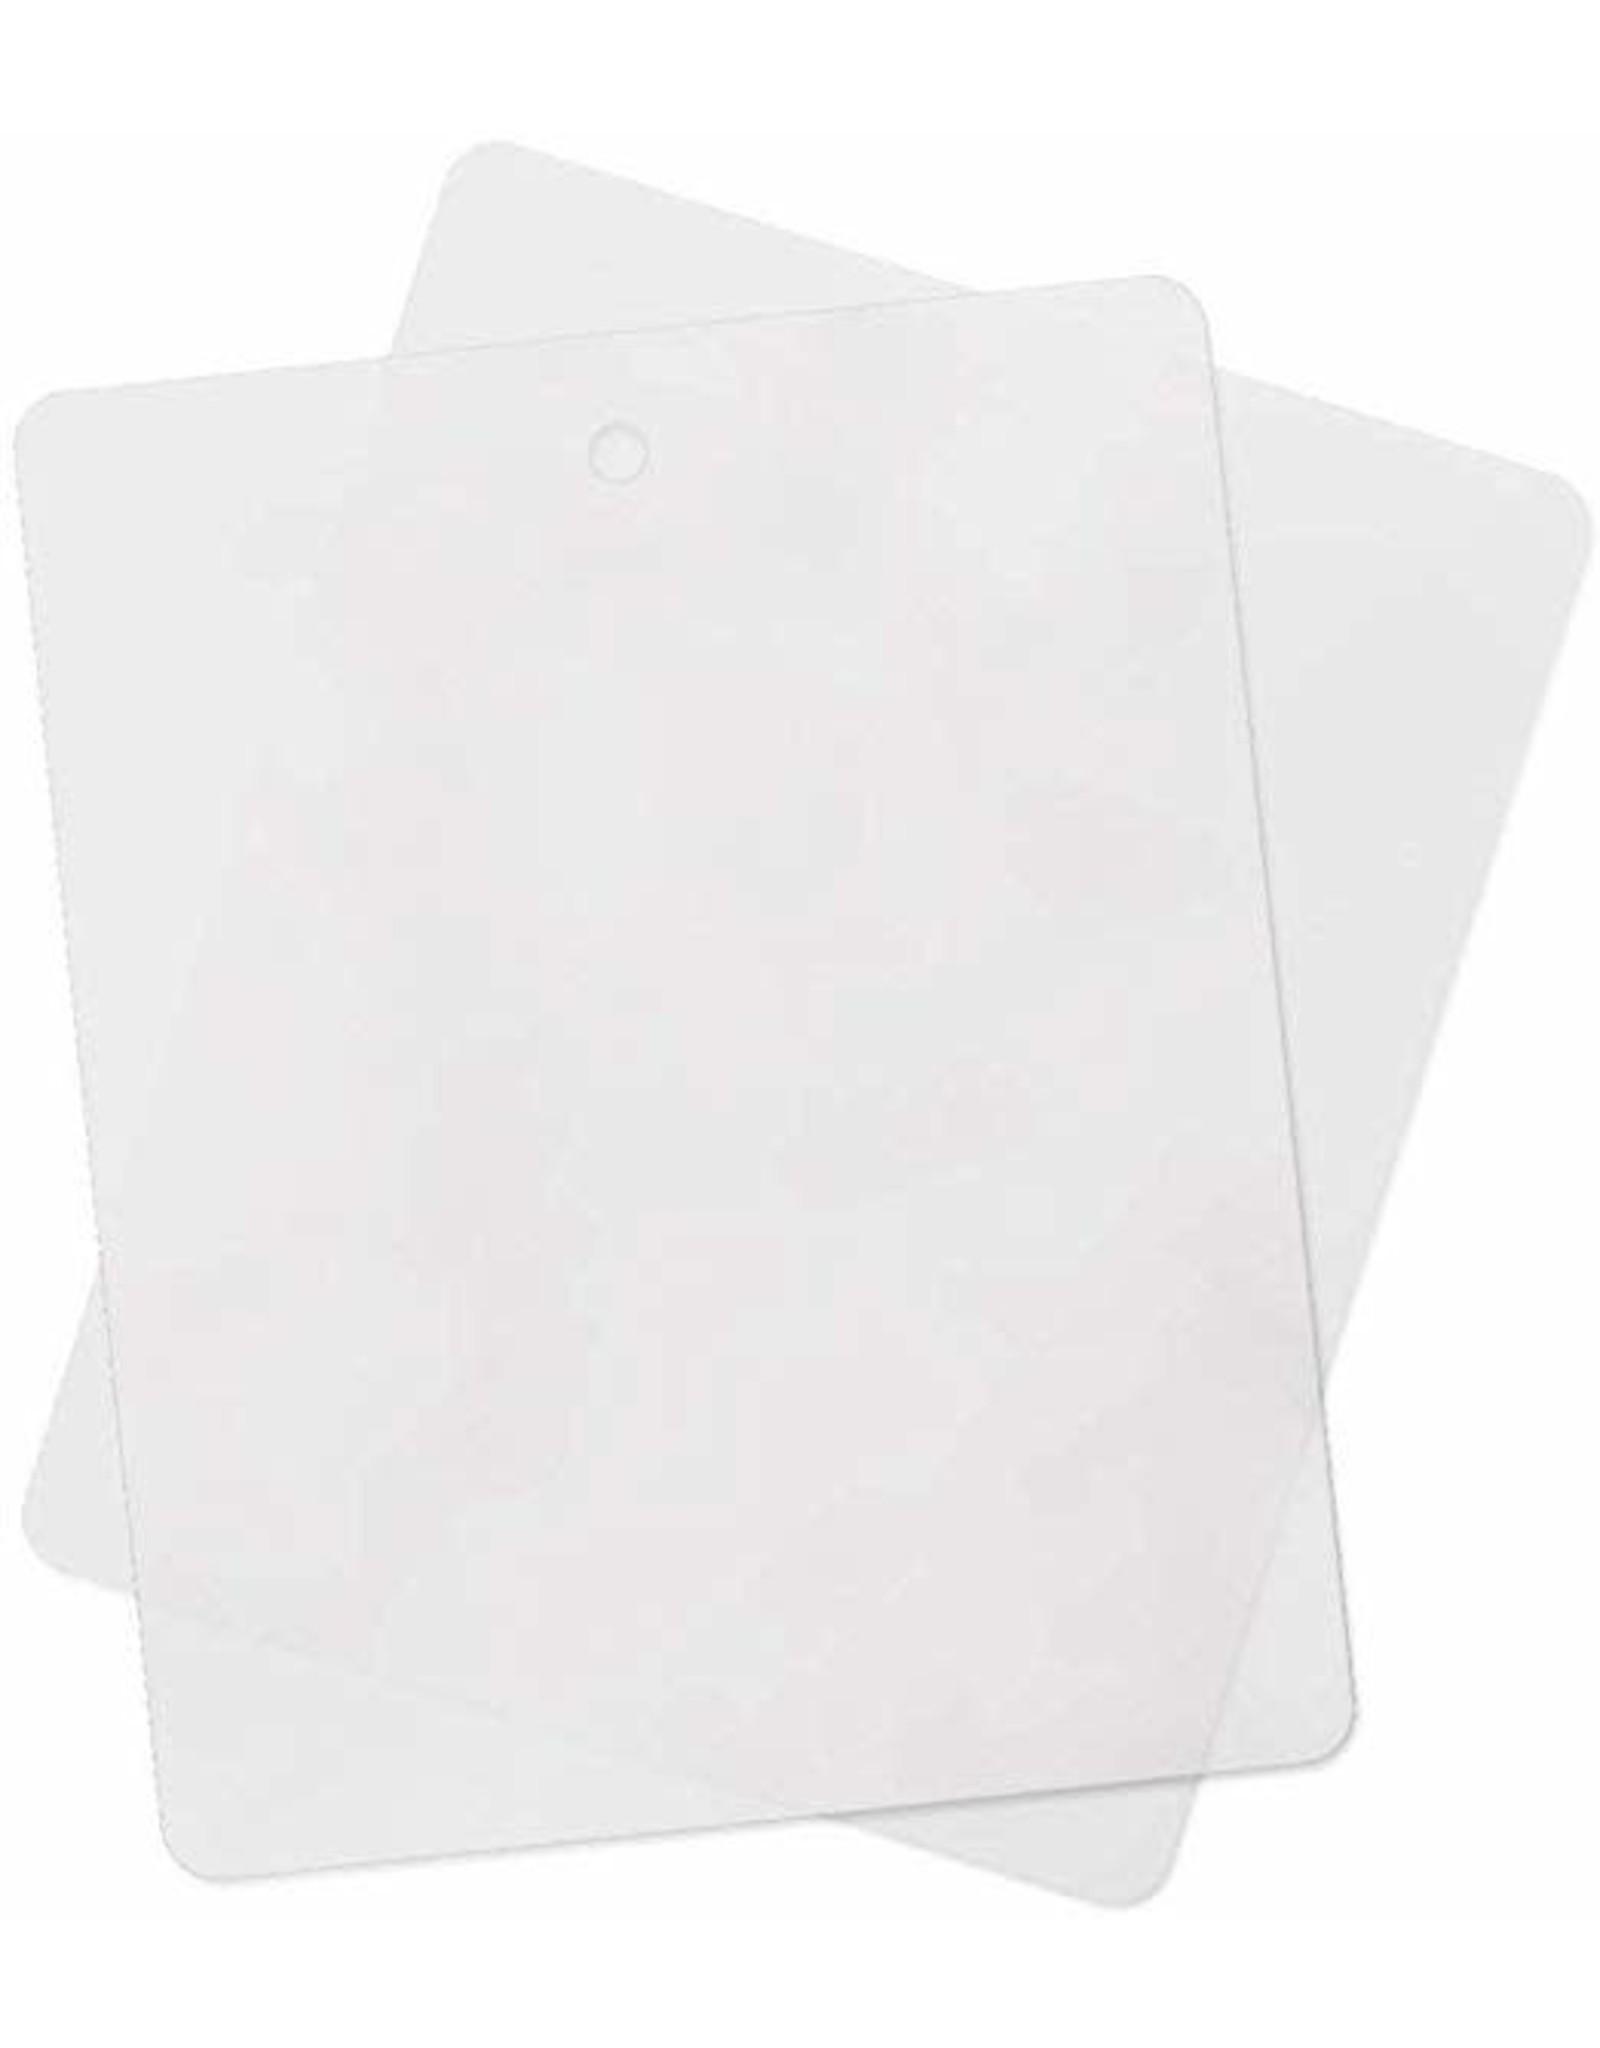 BENDY Flex Board PK/2 - White